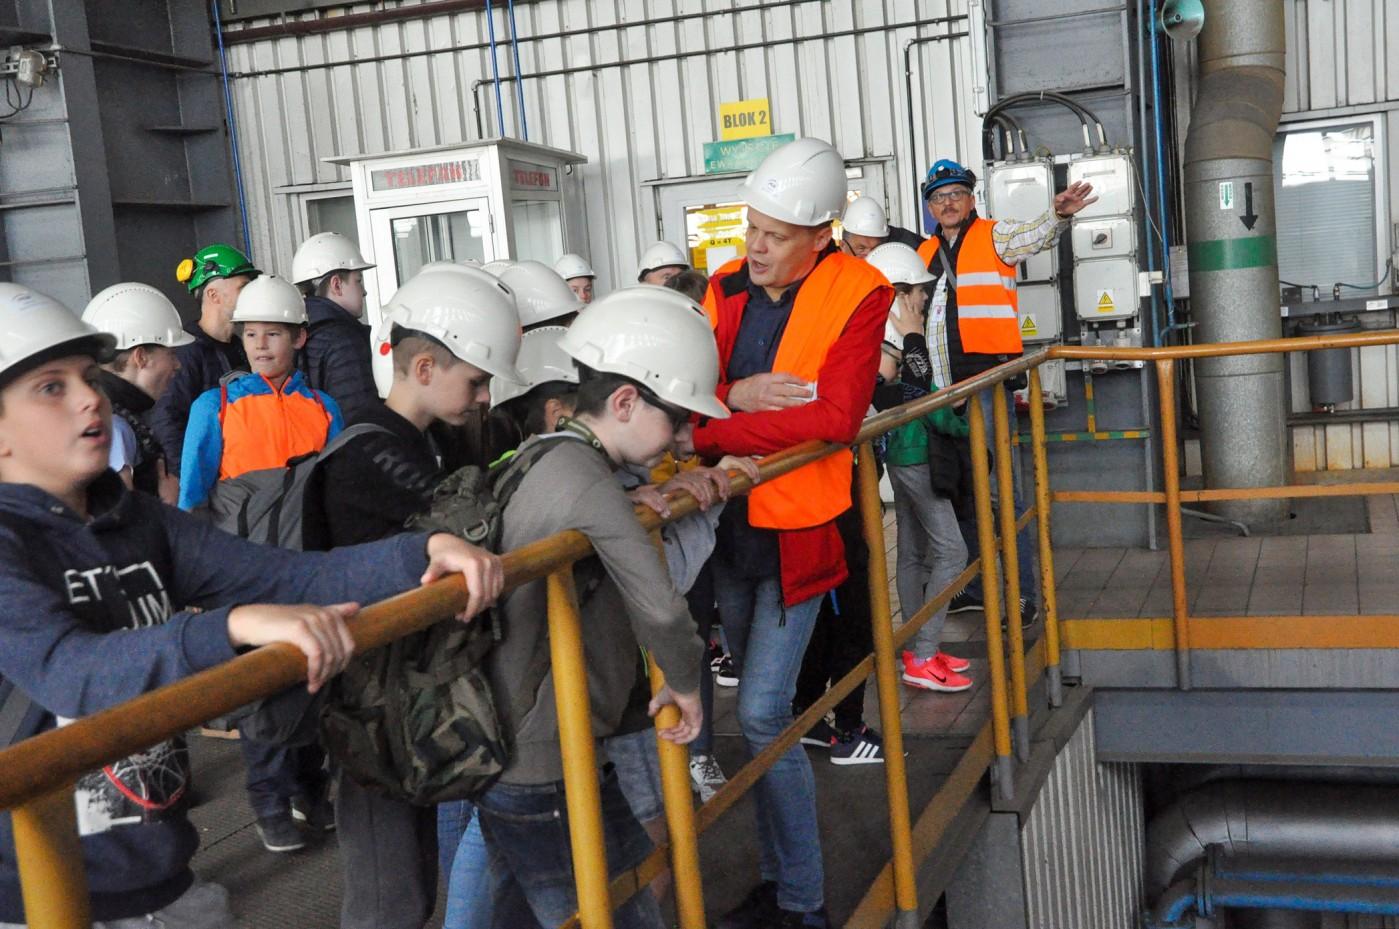 zwiedzanie-maszynowni-blokow-1-4-elektrowni.jpg